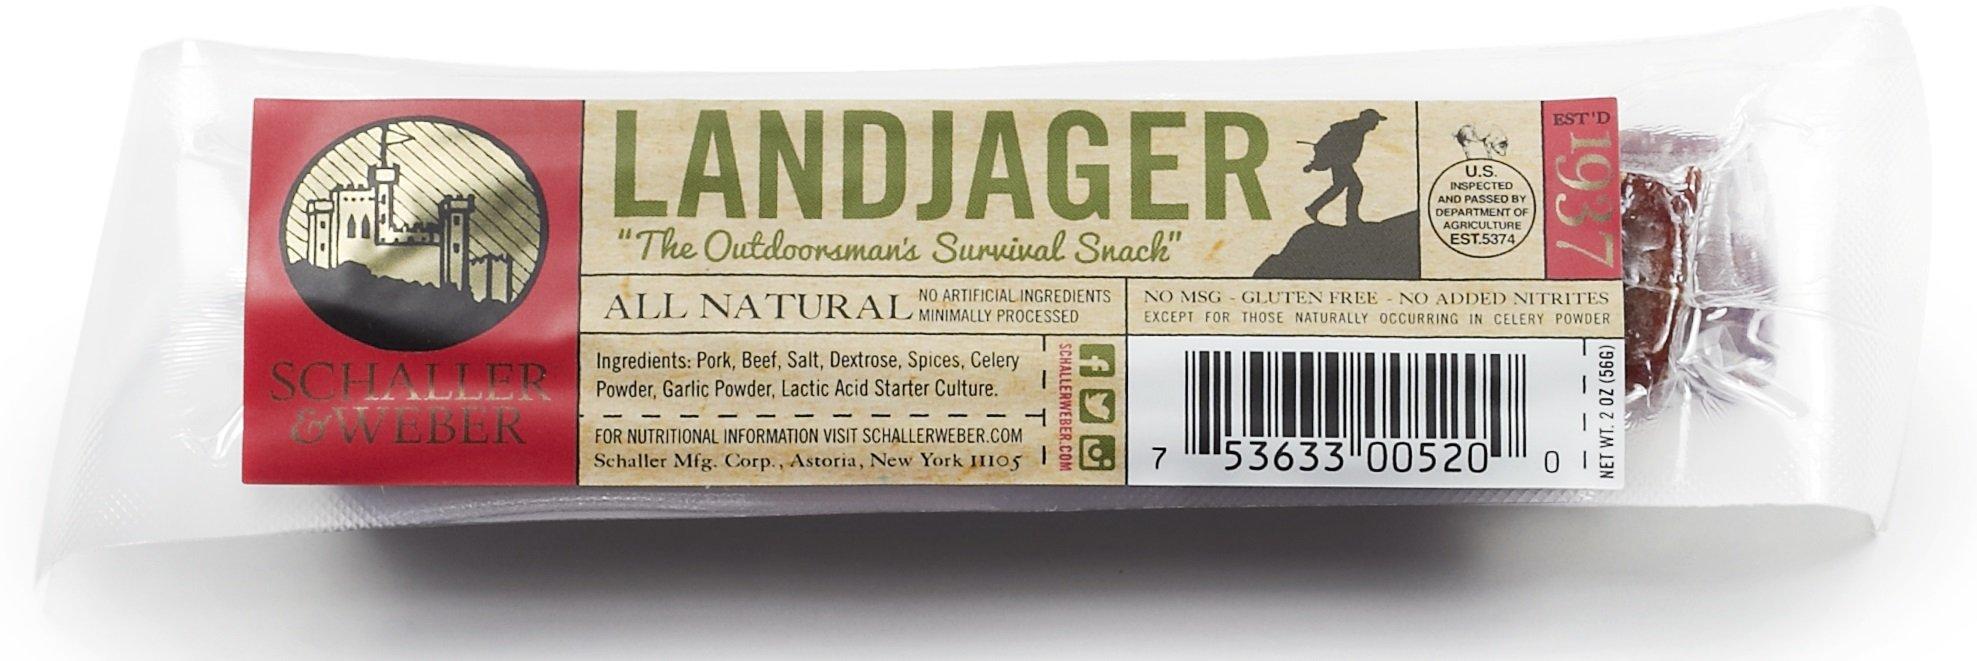 Schaller & Weber All Natural Landjaeger - 1 Pair (Pack of 10 Pairs)